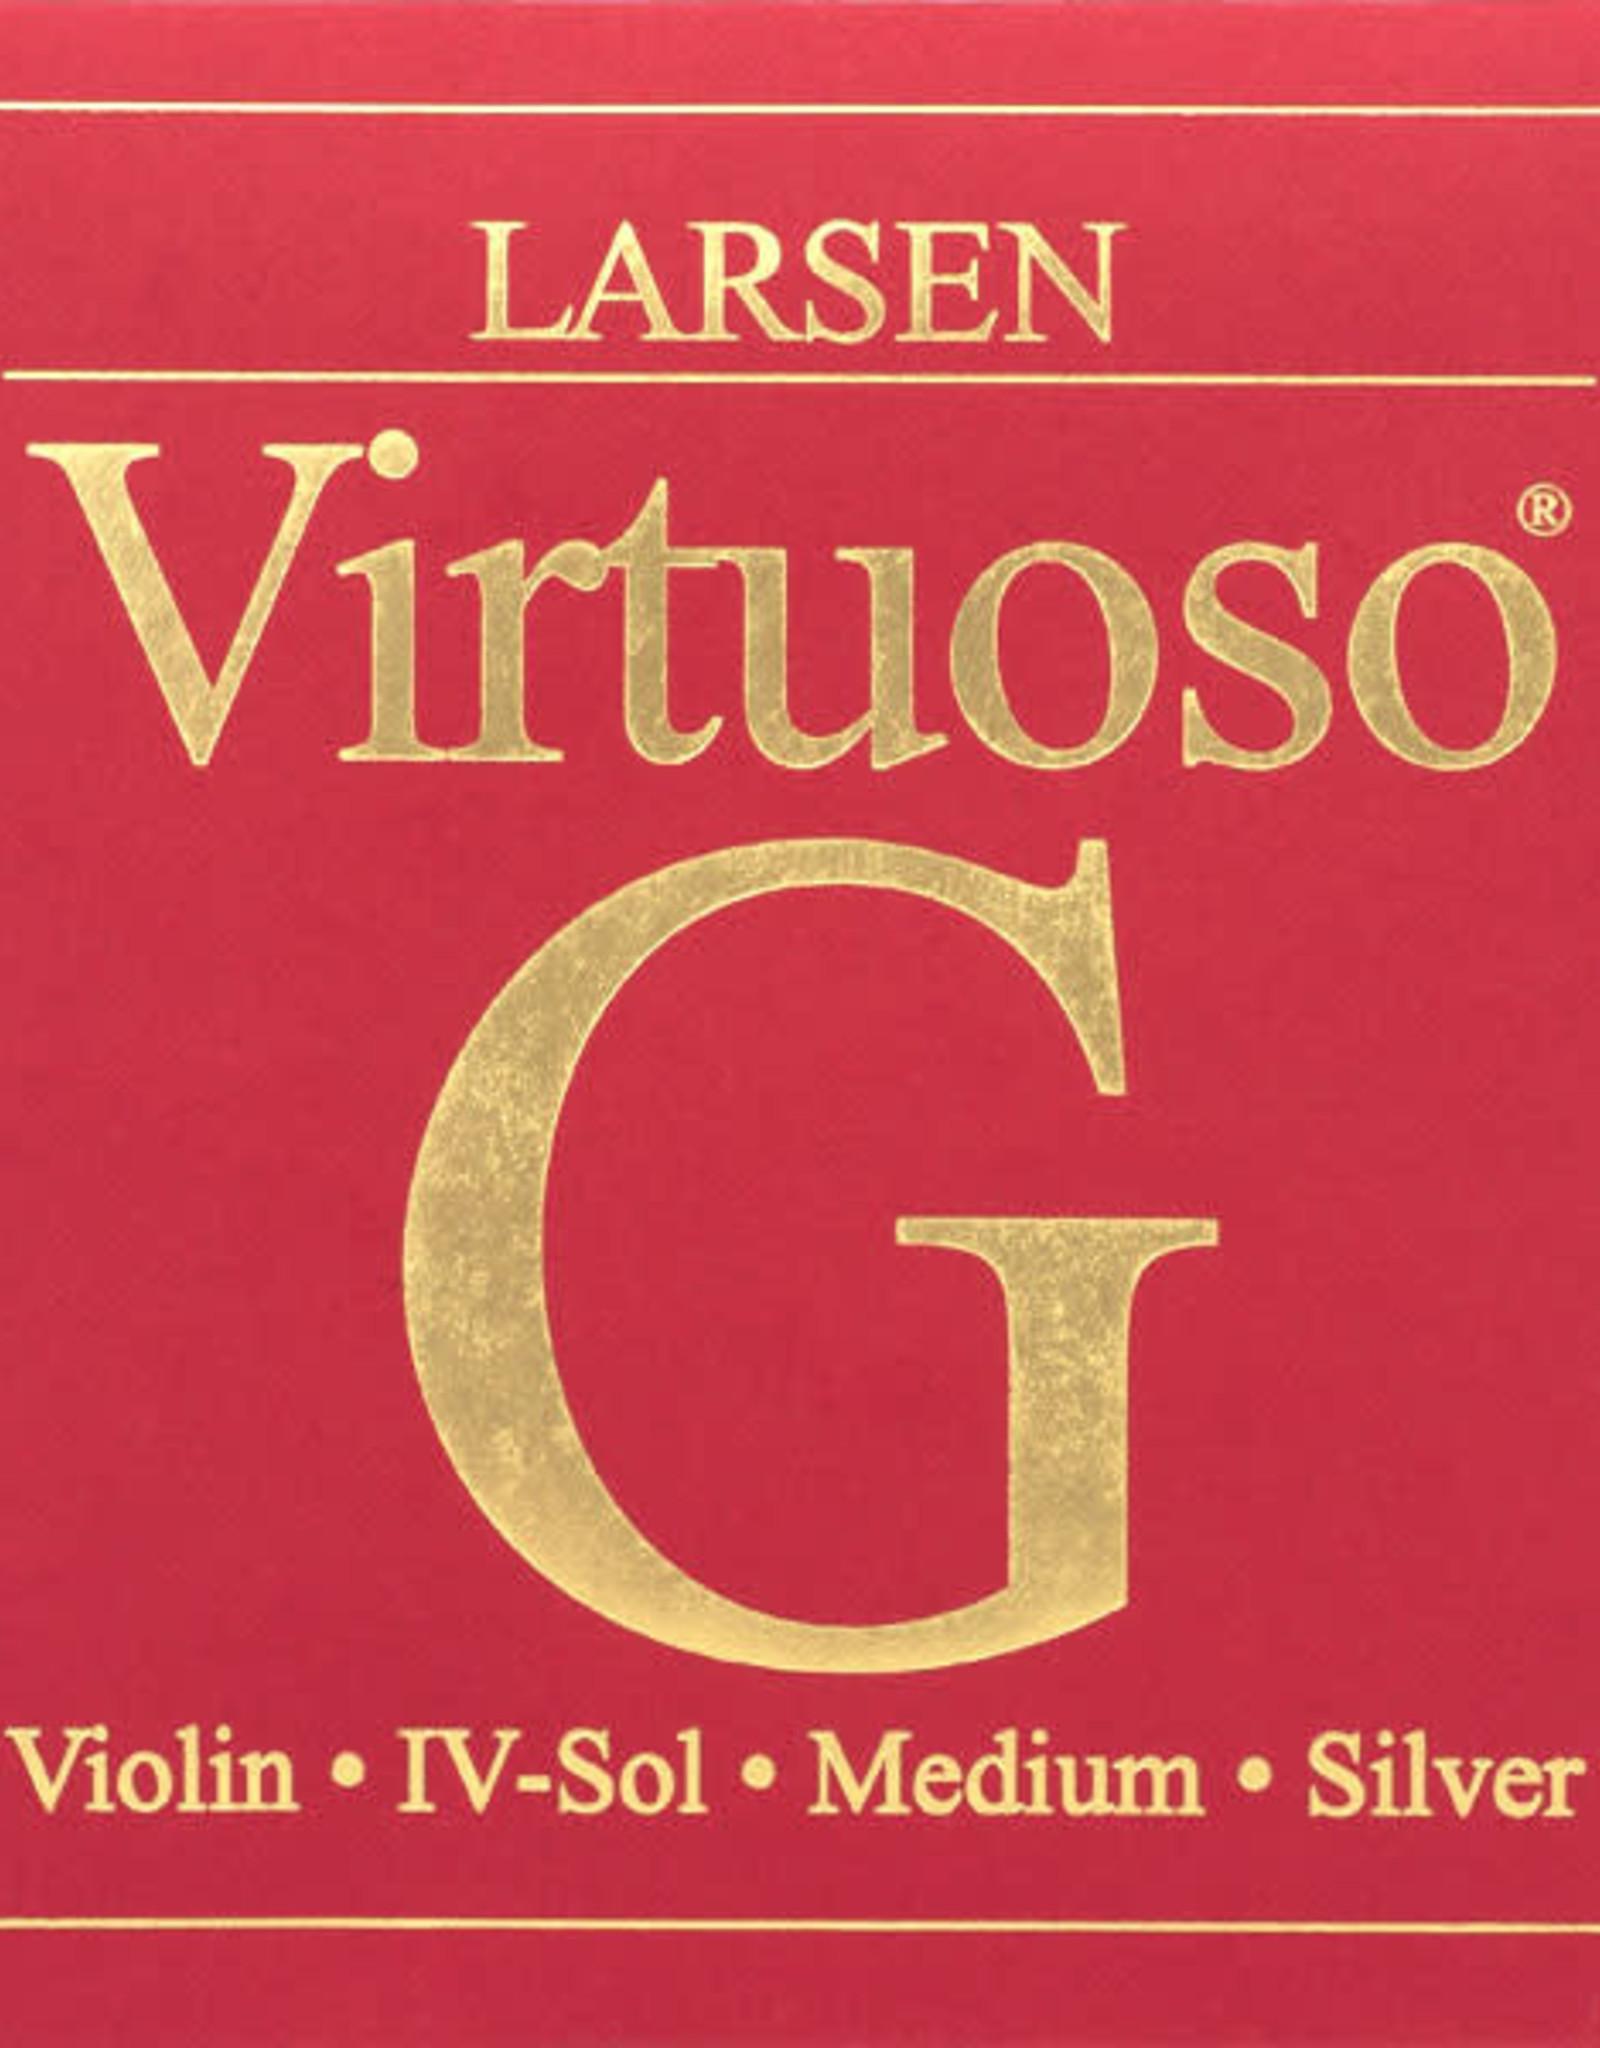 LARSEN Virtuoso vioolsnaar, sol (g-4)